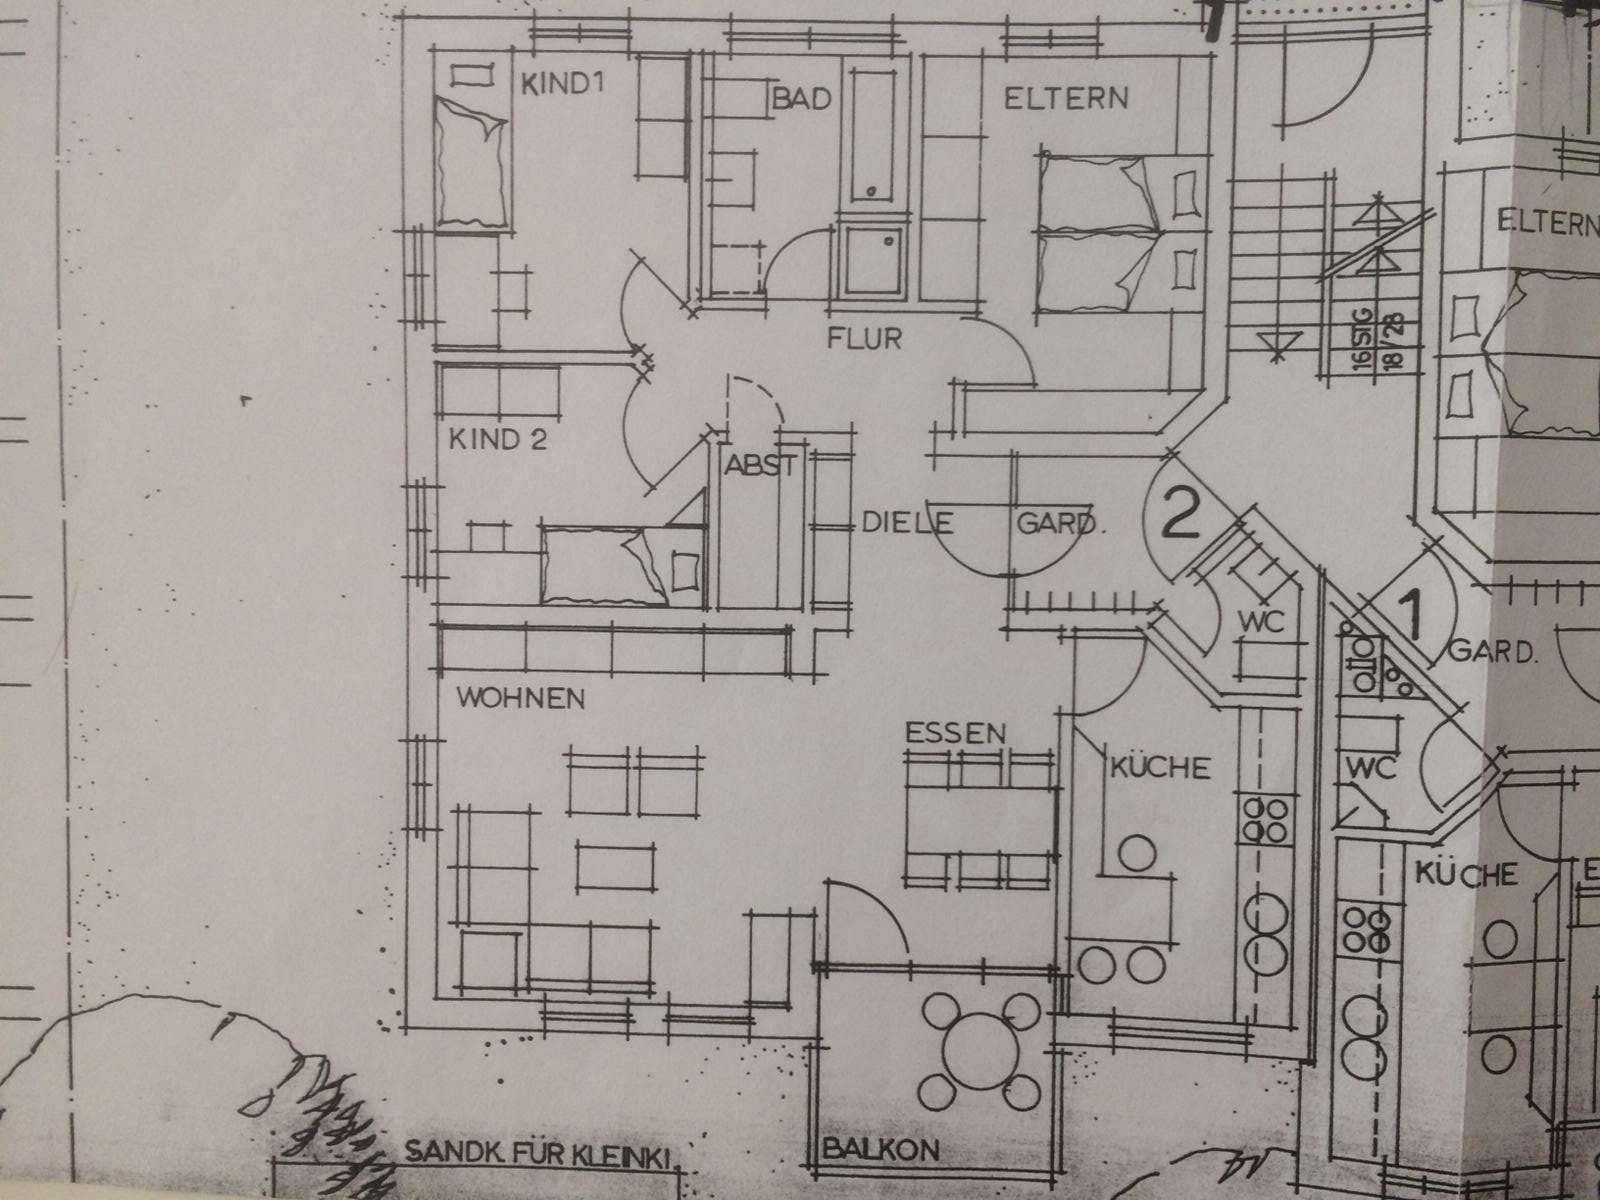 Großzügige 4-Zimmer-Wohnung, 100 m², mit Balkon und EBK, 1. Stock, in Hallstadt